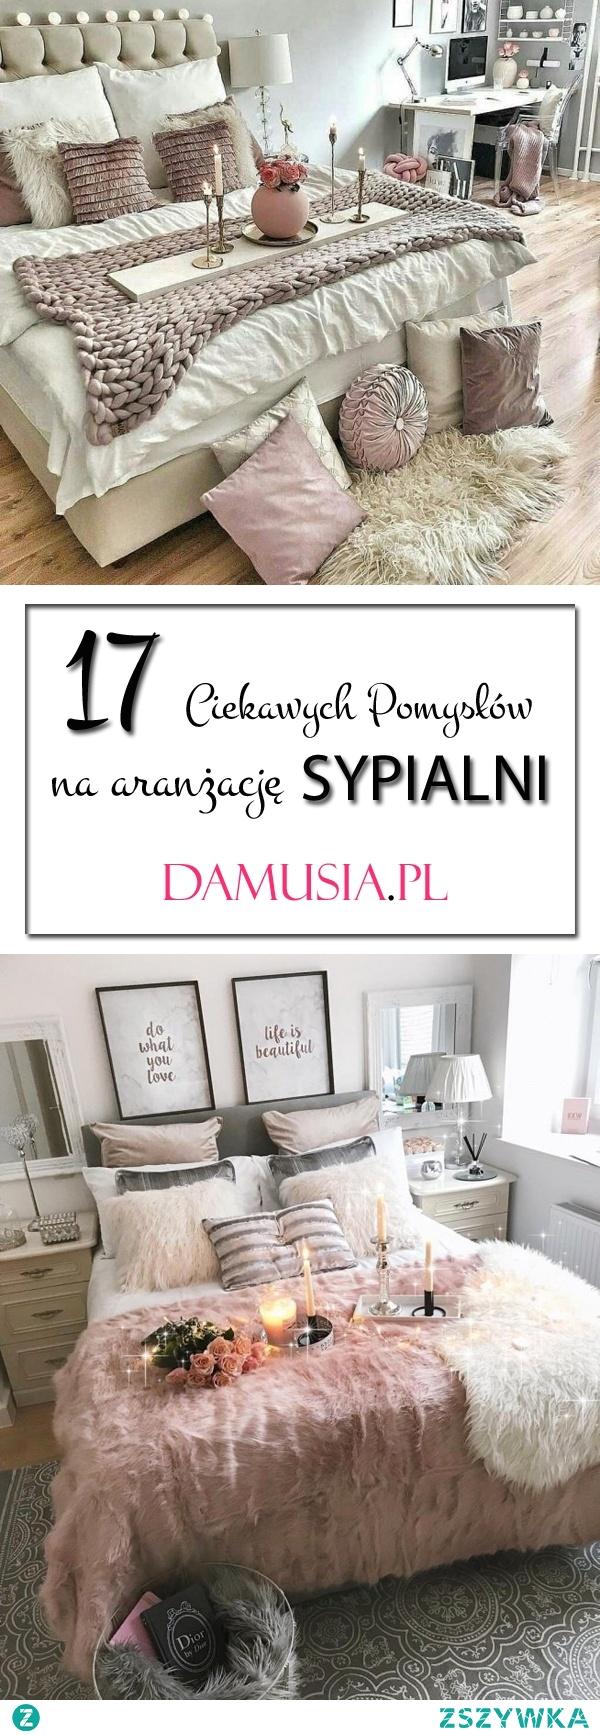 Przytulna Sypialnia: TOP 17 Ciekawych Inspiracji na Aranżację Sypialni